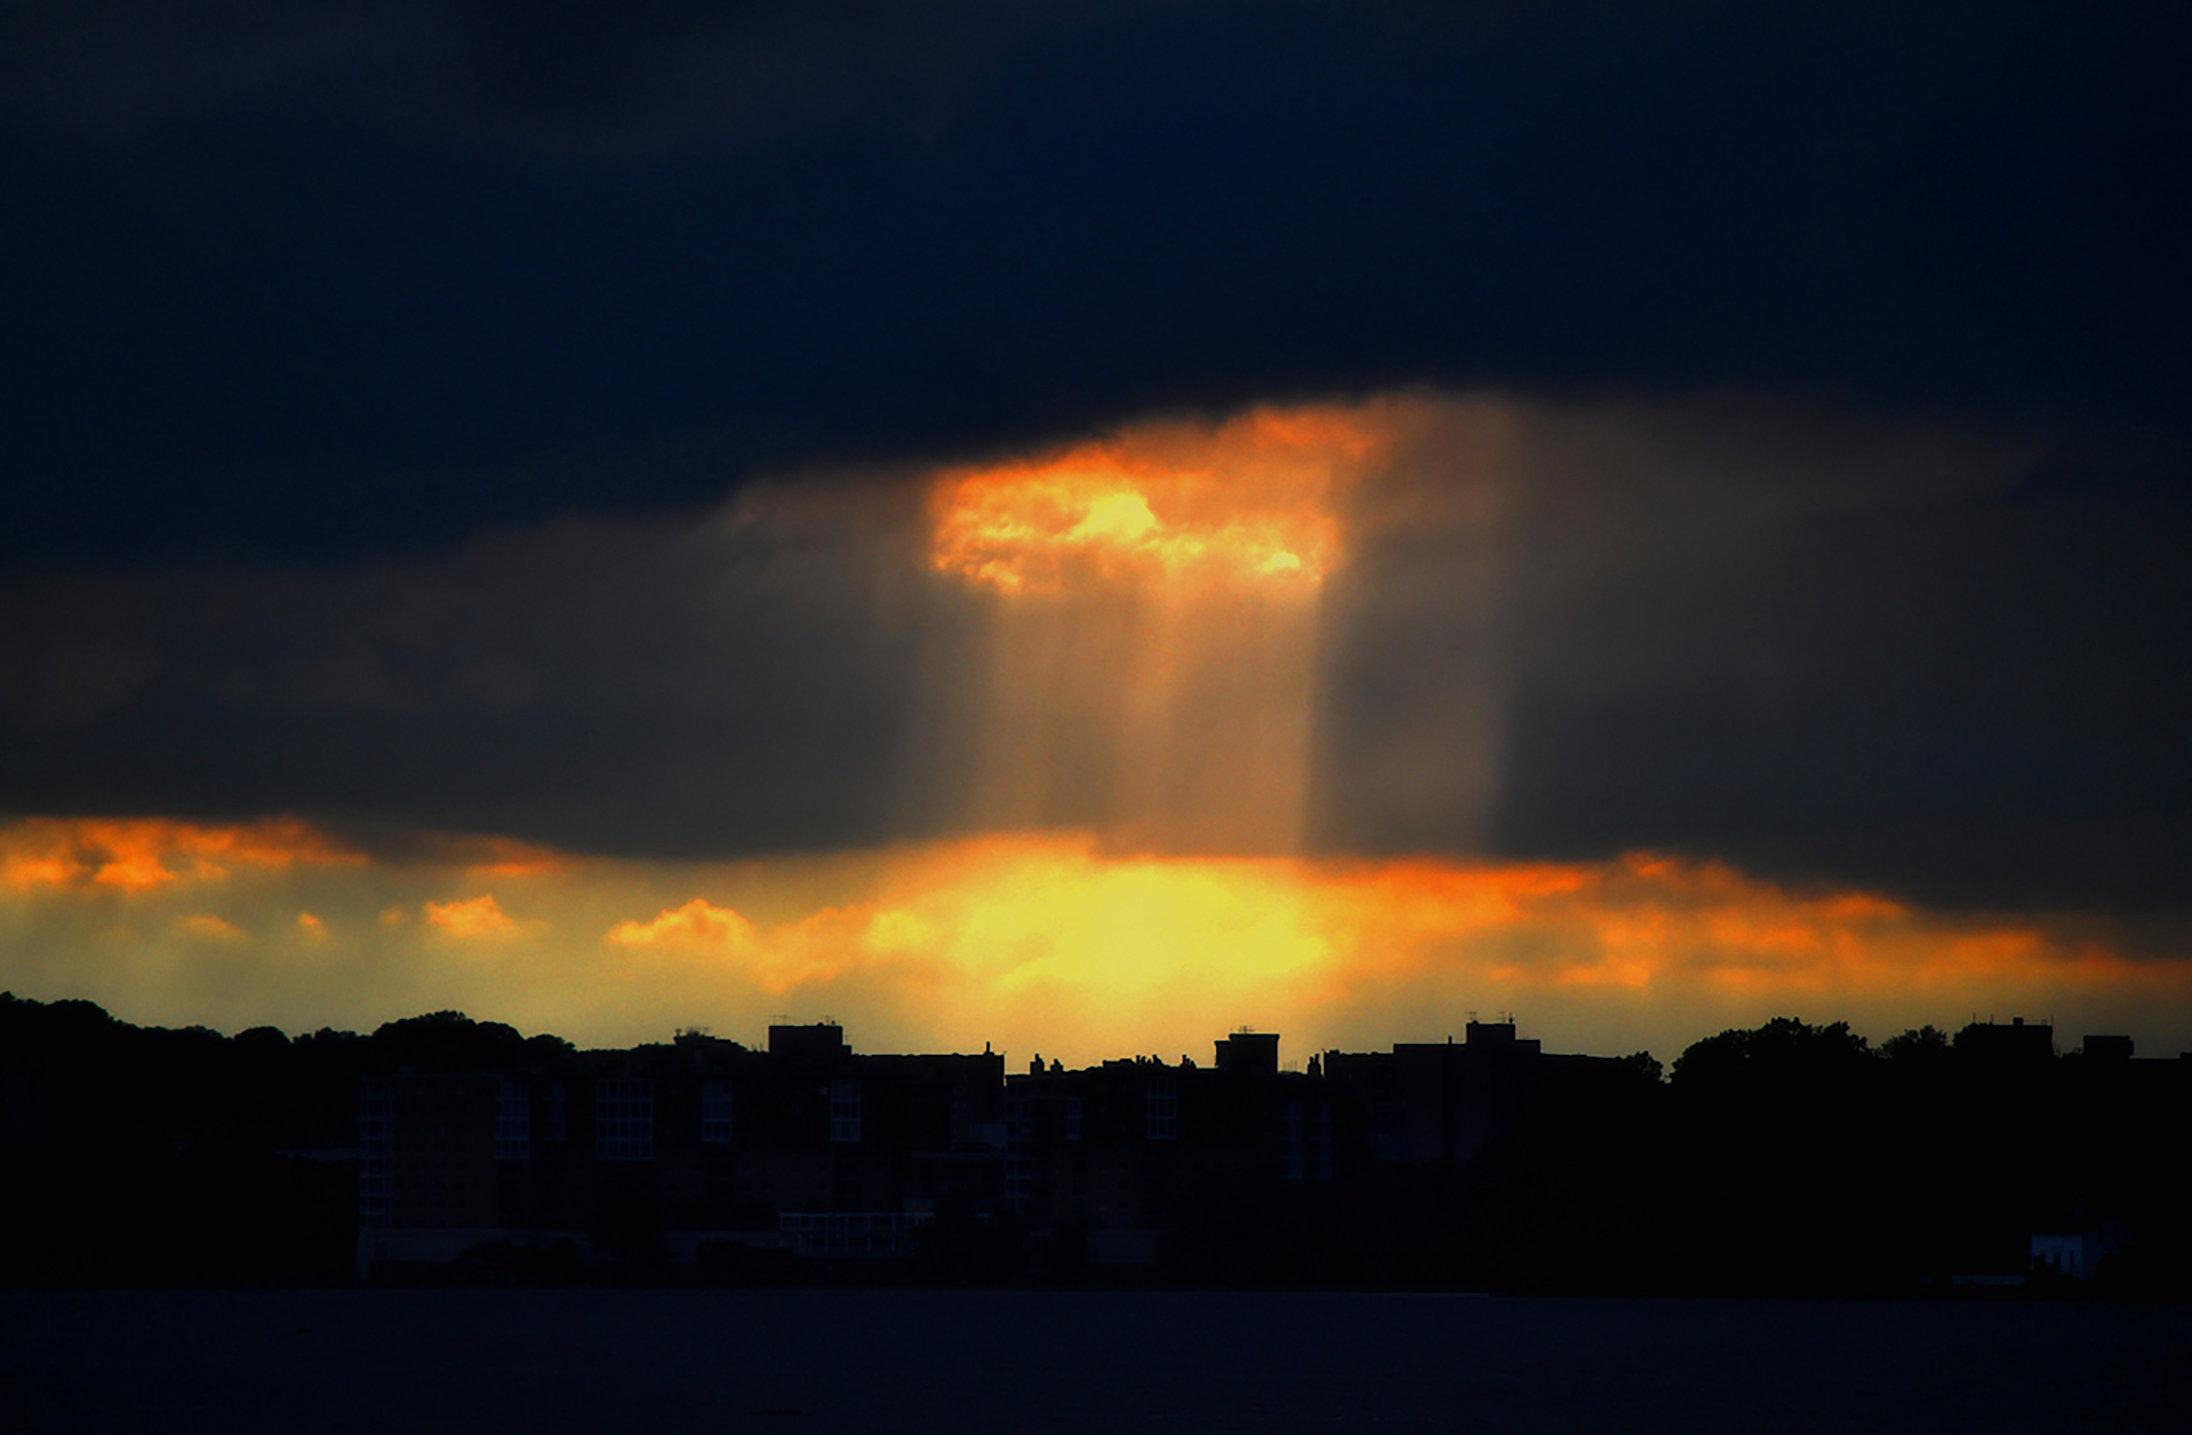 0010_sunray.jpg